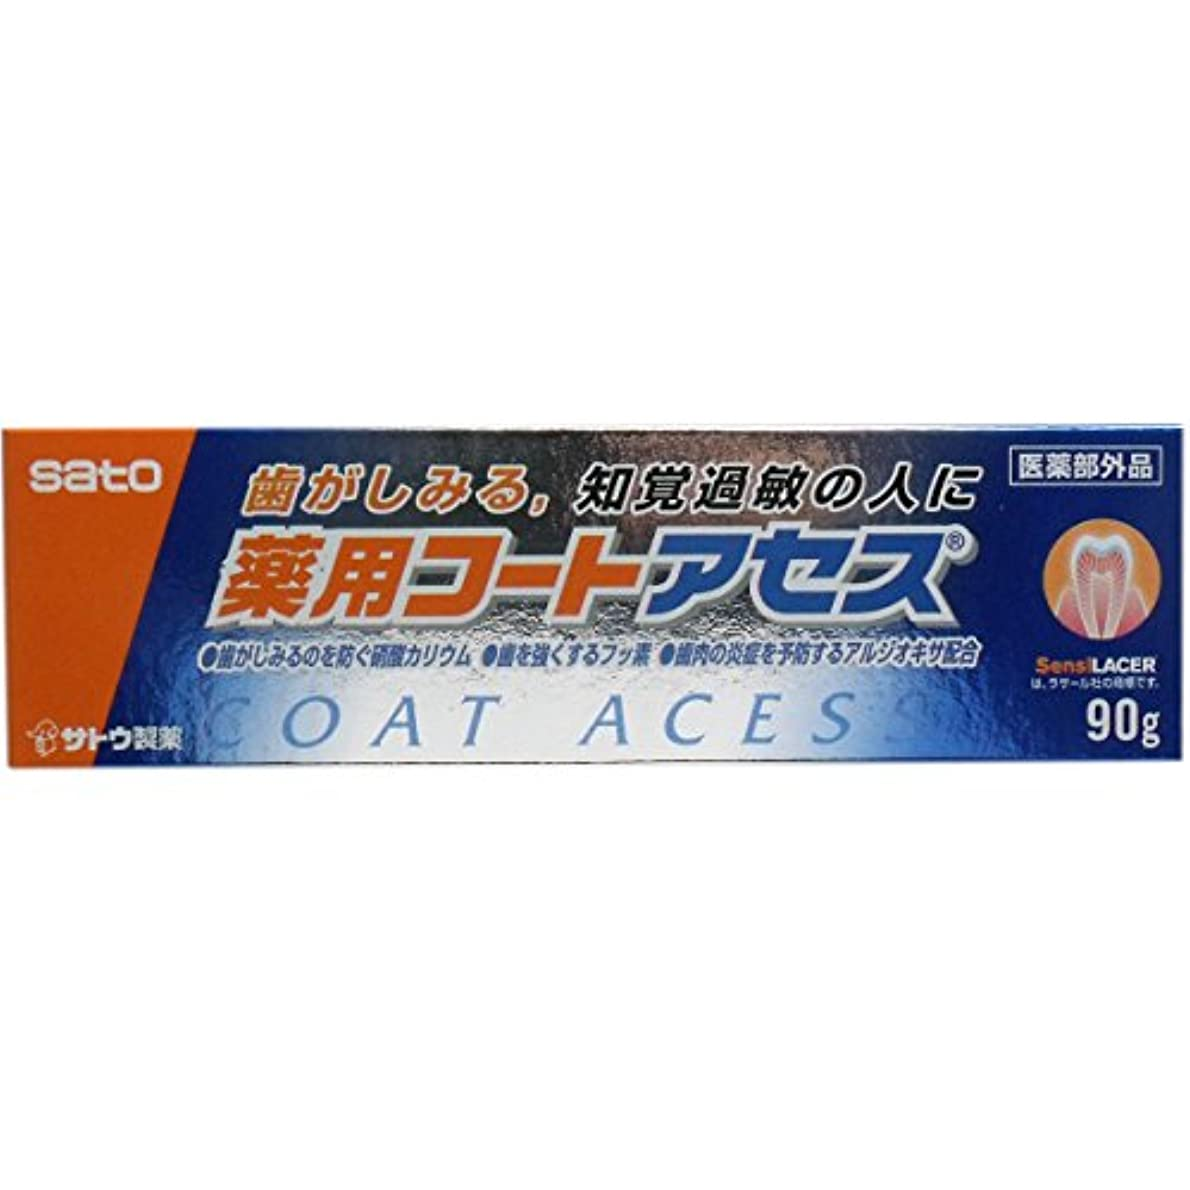 ログパンサーなだめるサトウ製薬 薬用コートアセス 薬用歯みがき 90g ×6個セット